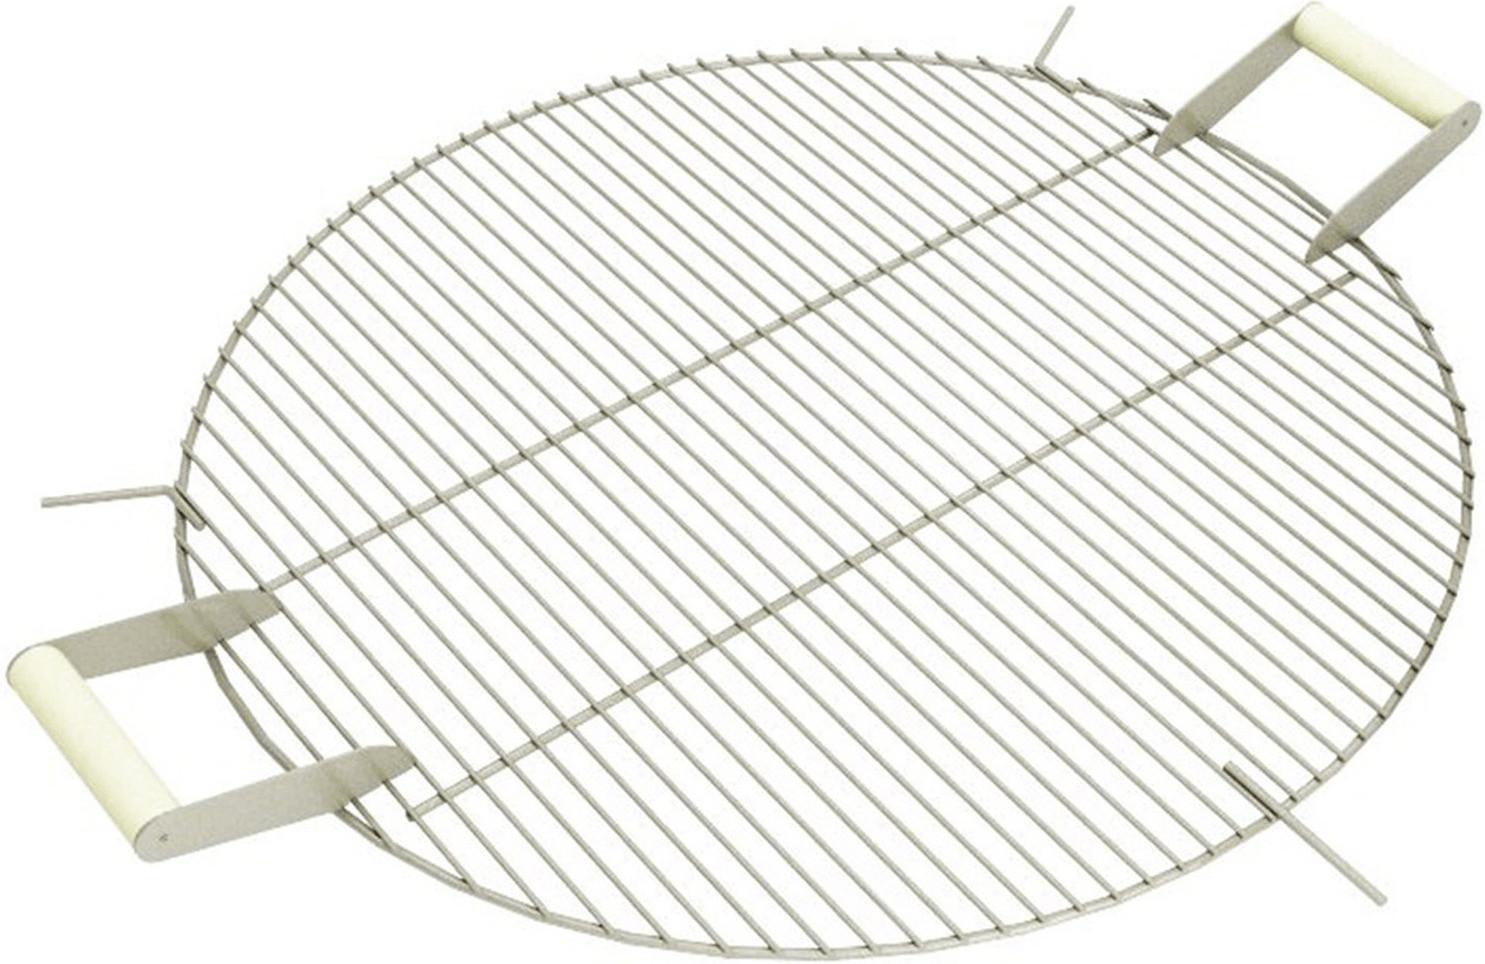 SvenskaV Grill-Aufsatz für Feuerschalen Ø 79 cm